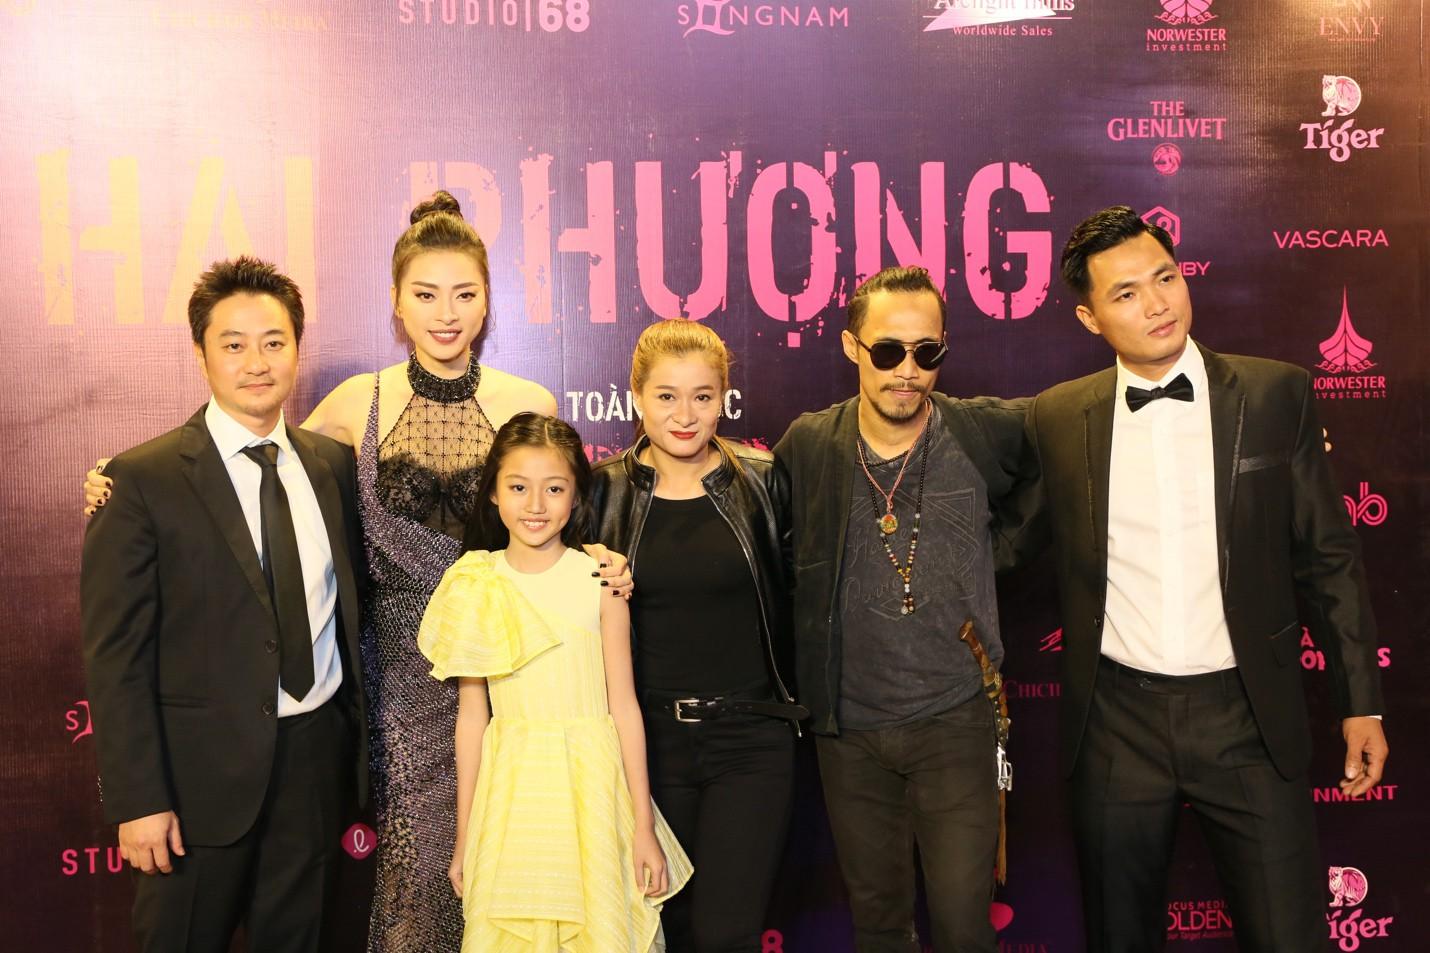 Sau buổi công chiếu, Hai Phượng được đánh giá là bom tấn phim hành động Việt 2019 - Ảnh 2.